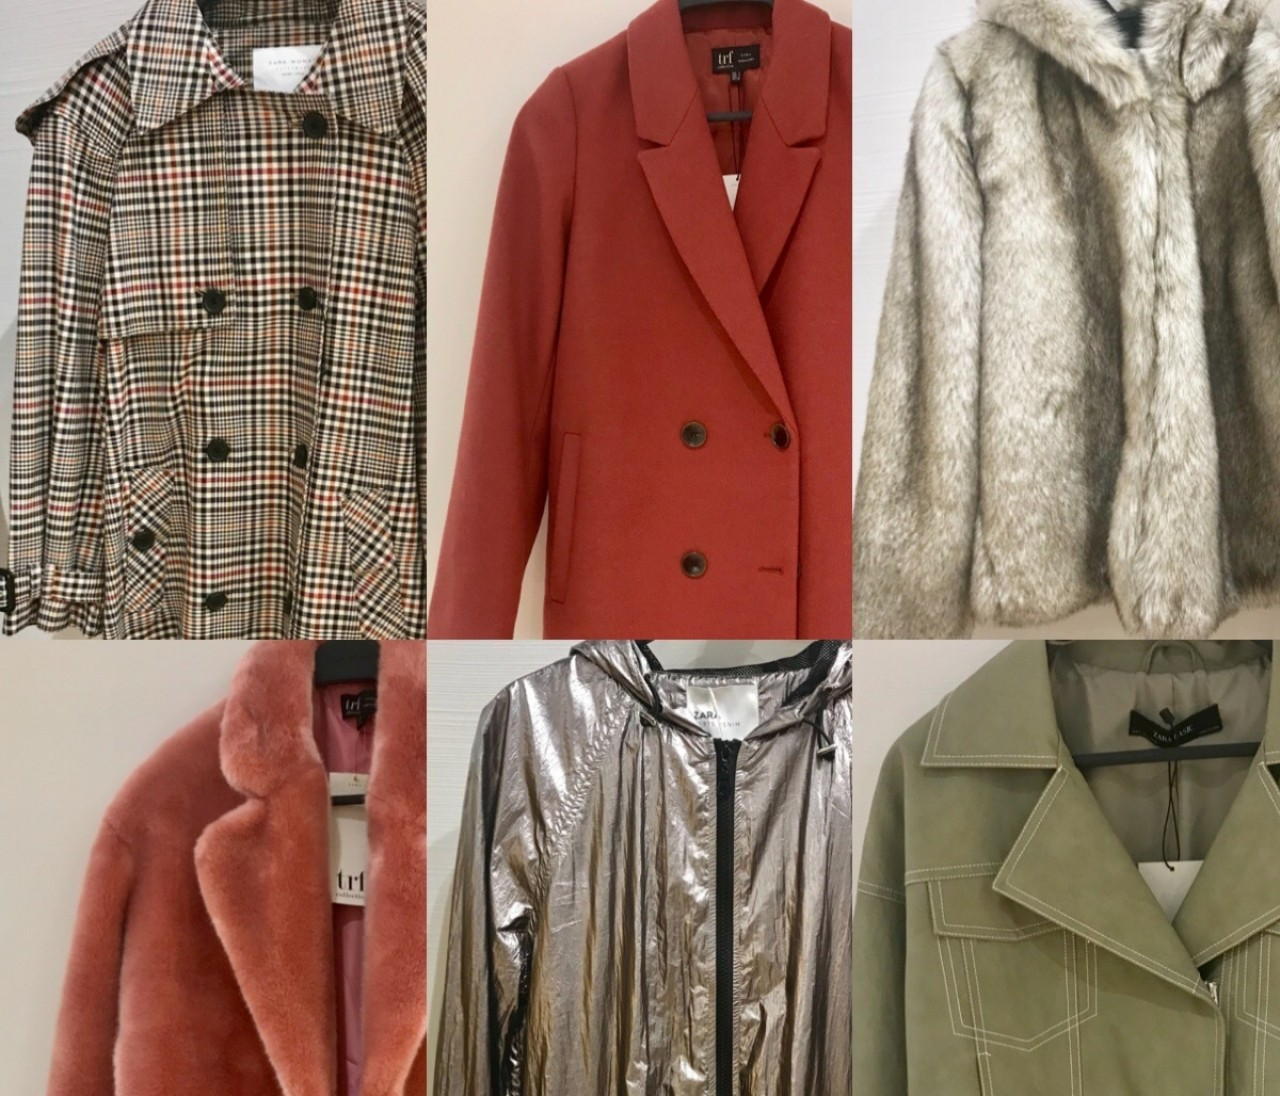 売り切れ御免! 展示会で厳選、30代のための【ZARA】新作コート&ジャケット16選